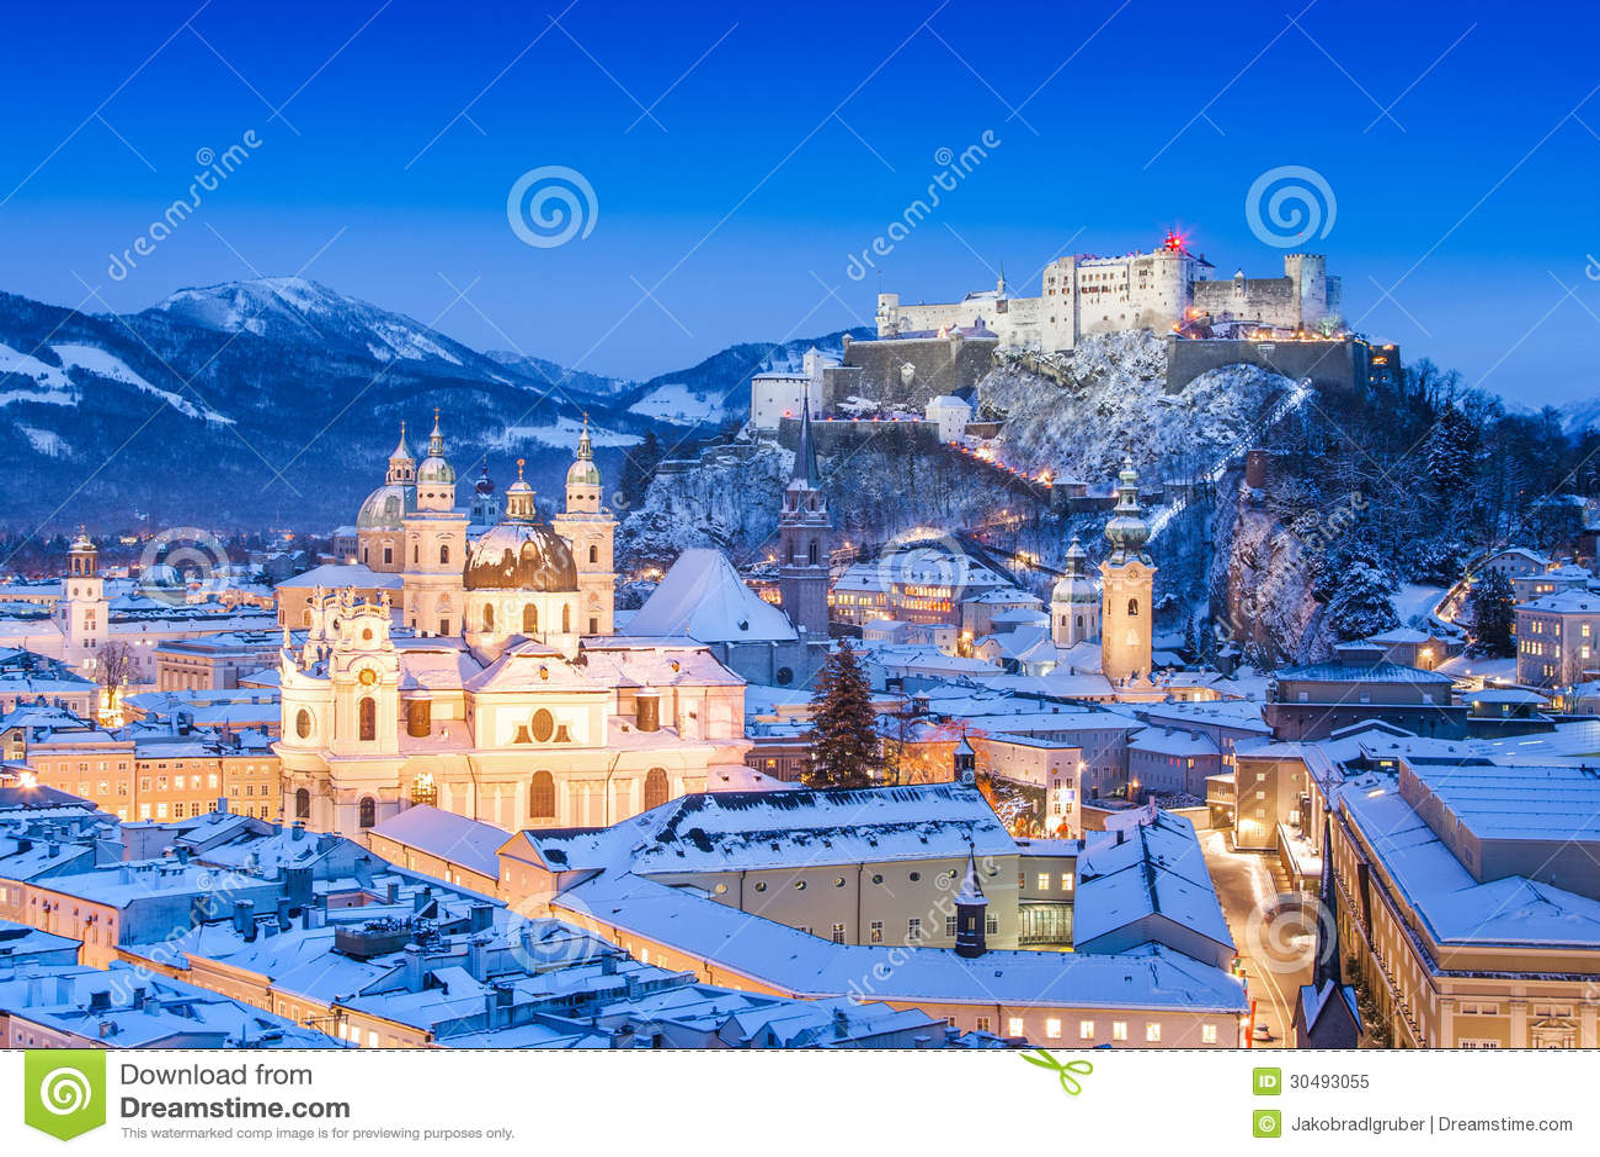 Salzburg skyline in winter as seen from Moenchsberg, Salzburger Land, Austria